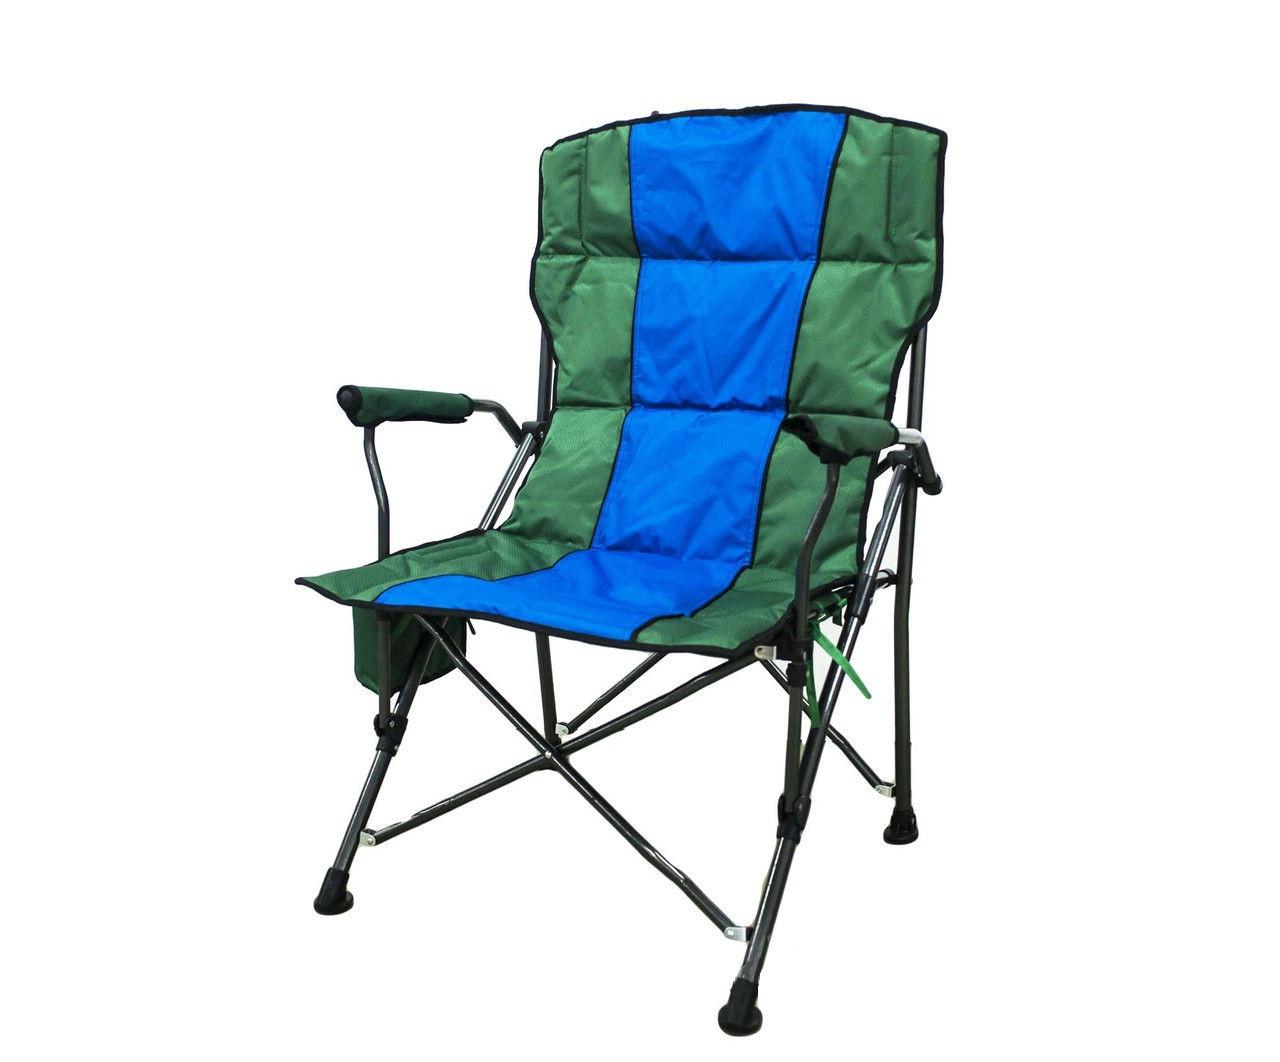 Стул складной, 70 * 100 см, зелено-голубой